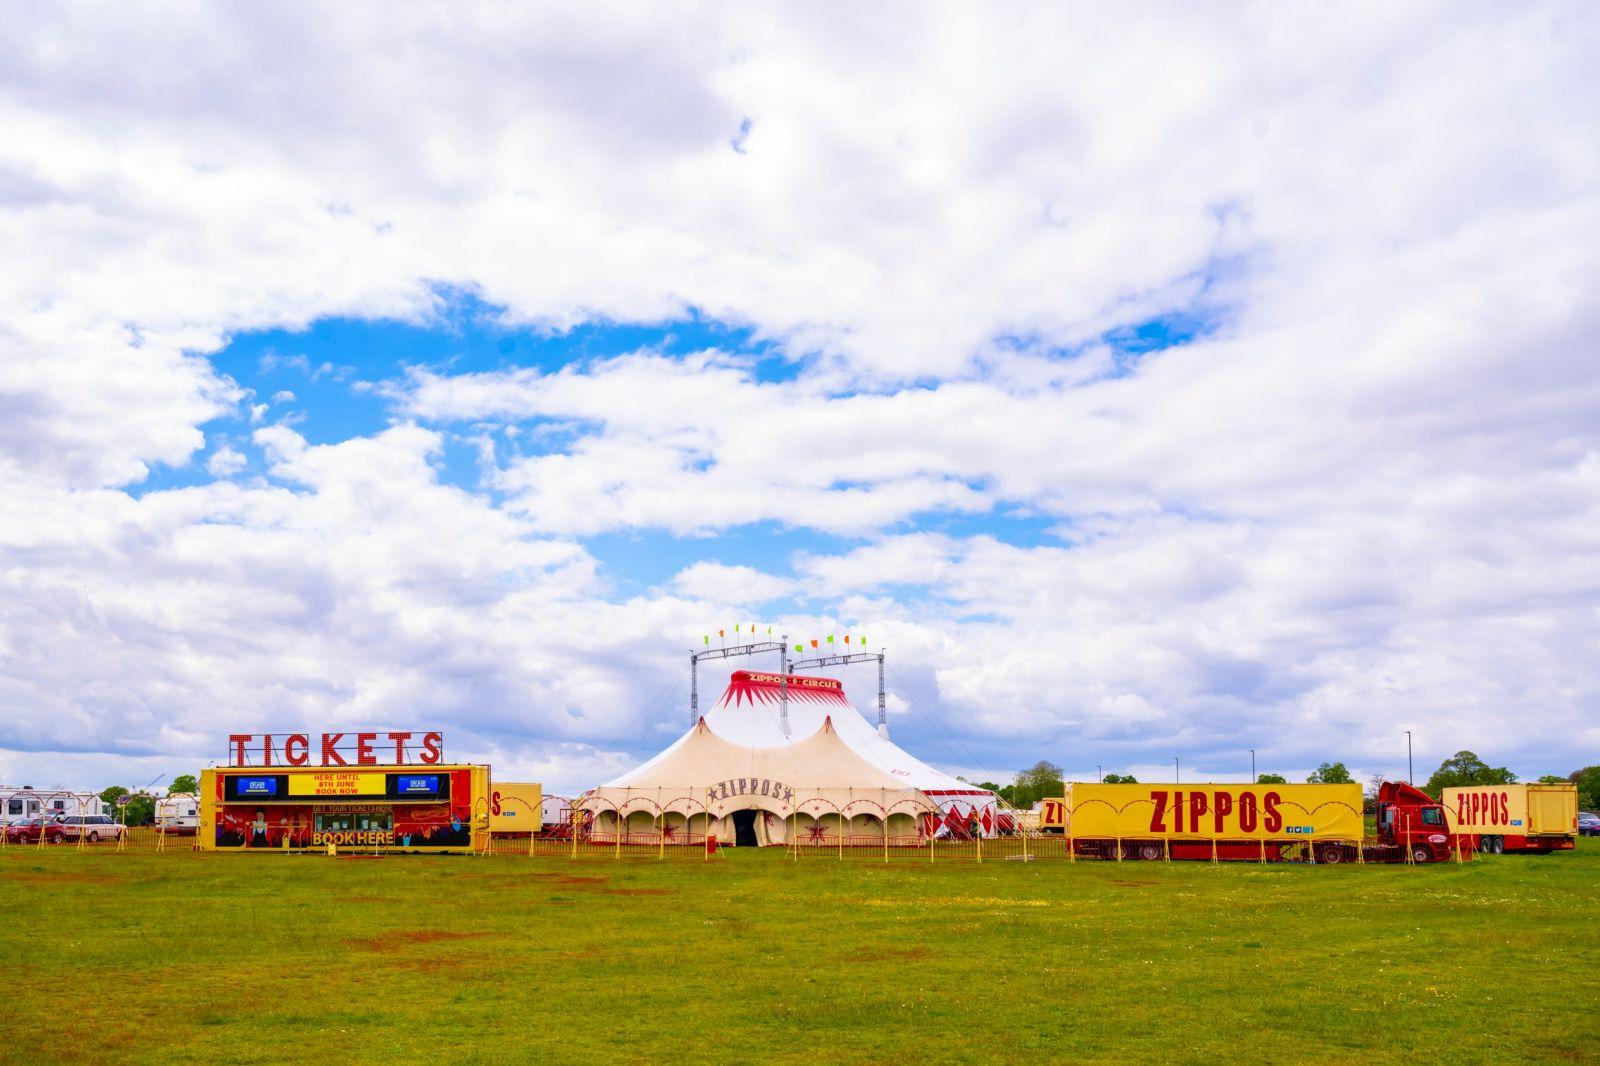 Zippos Circus Big Top (2) Photographer credit: Piet-Hein Out